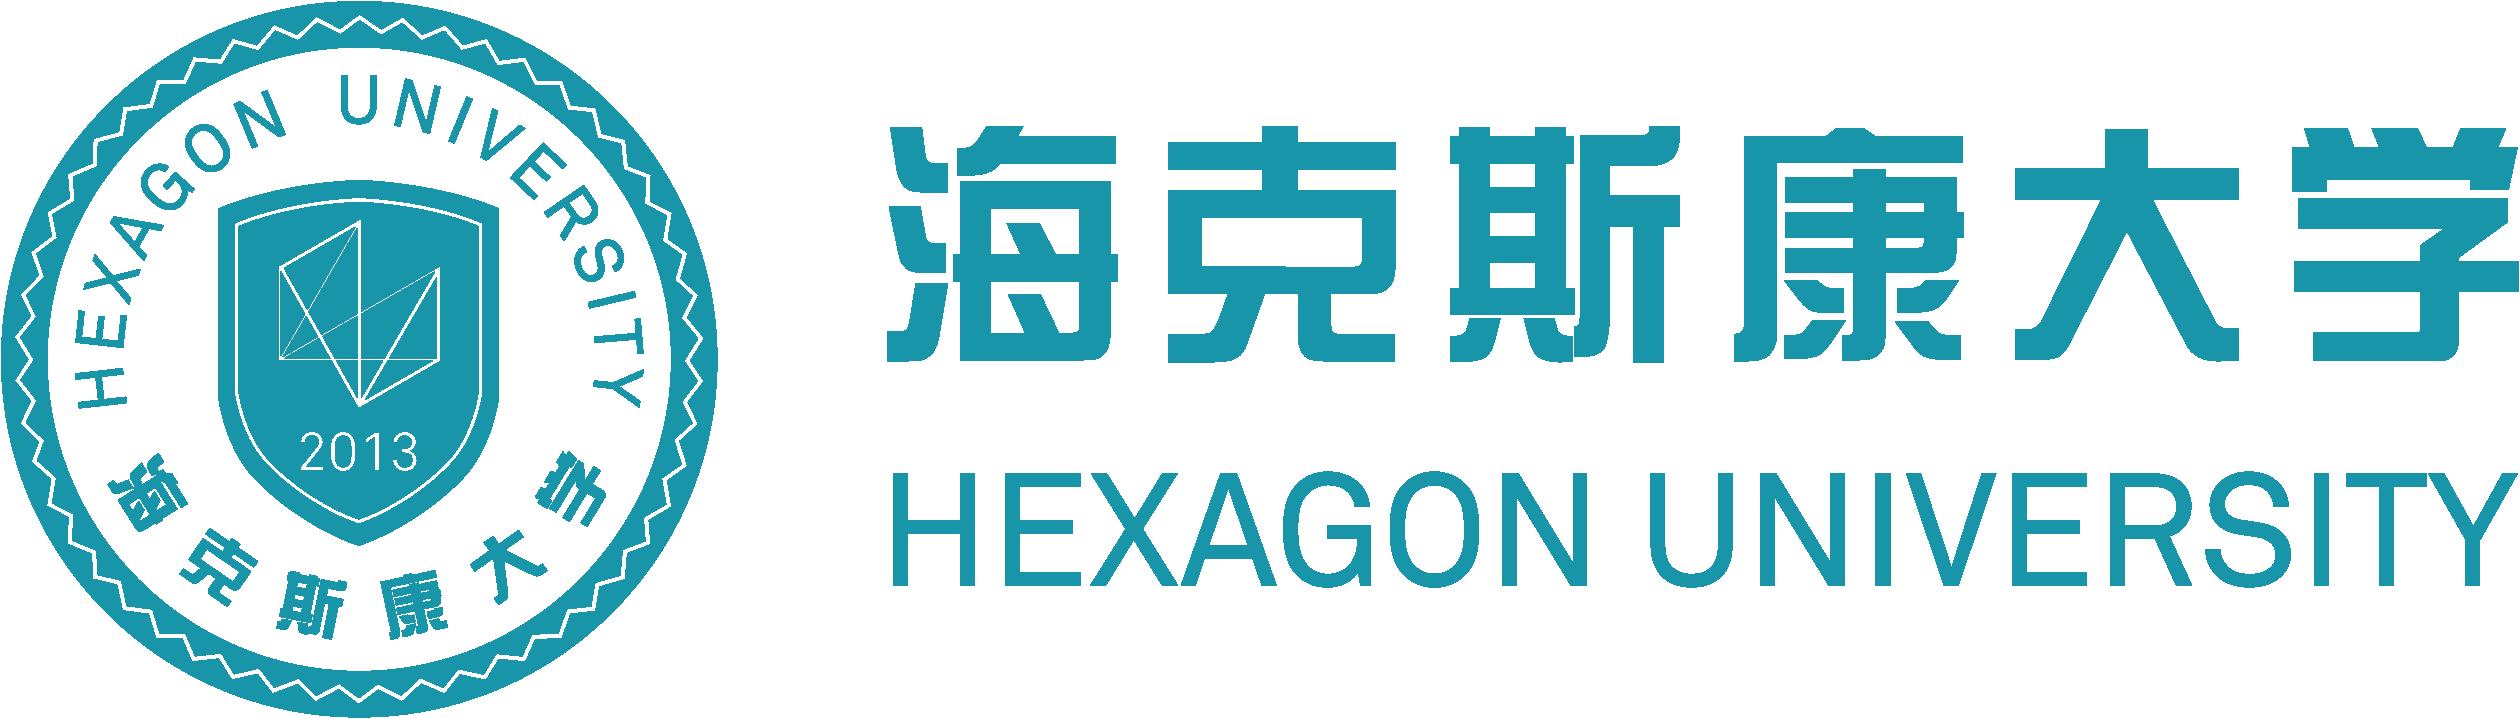 海克斯康大学-为智慧工厂培养数字化智能制造人才!